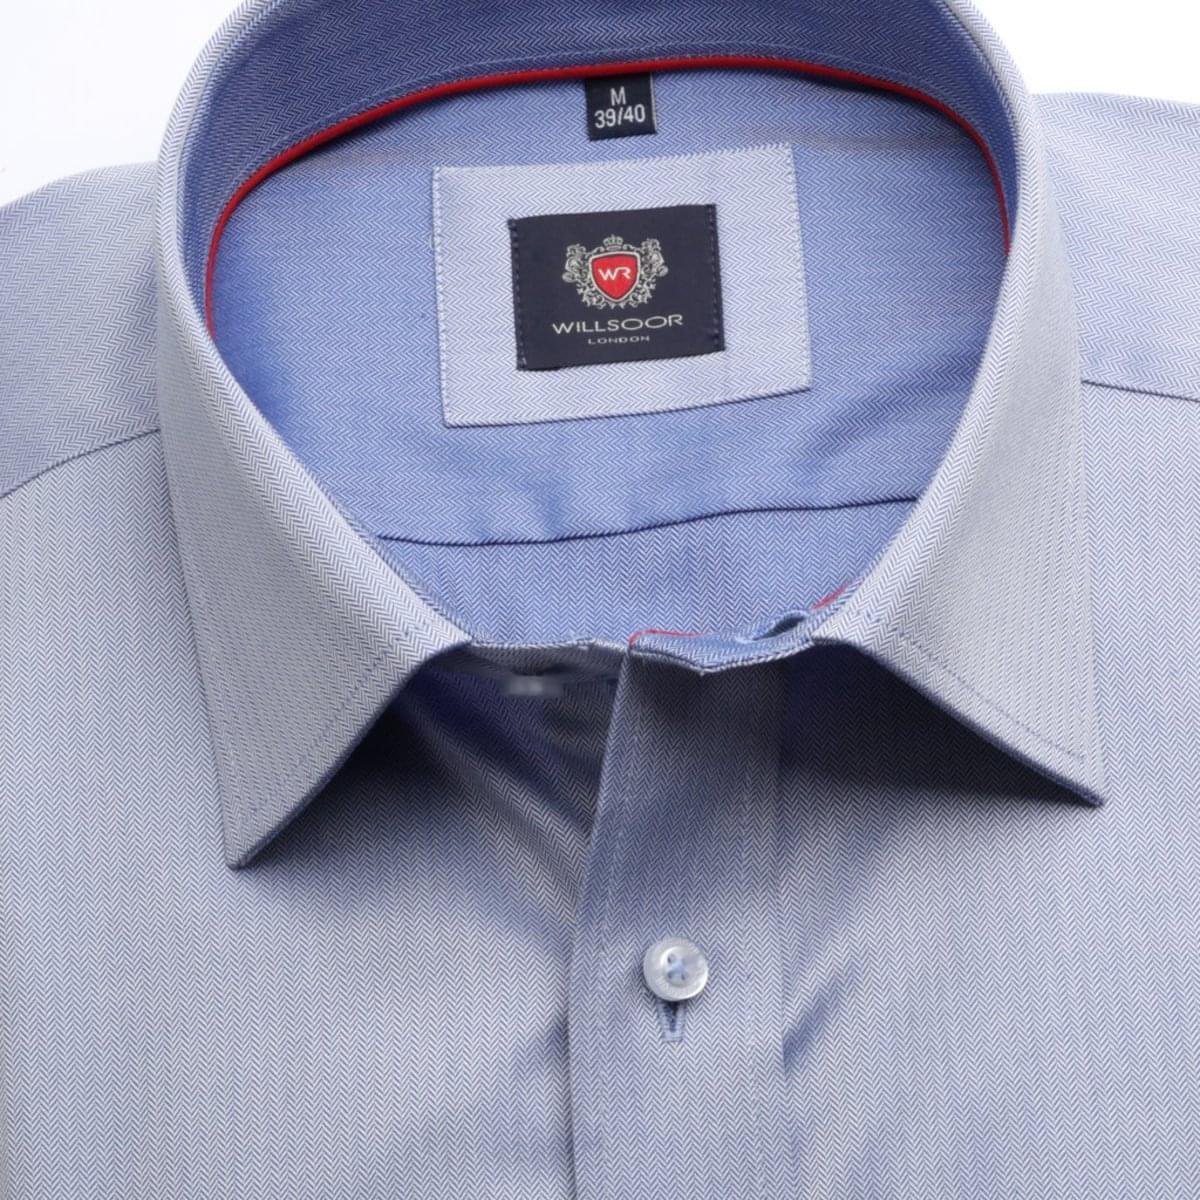 Pánská klasická košile London (výška 188-194) 6888 v modré barvě s formulí Easy Care 188-194 / XL (43/44)